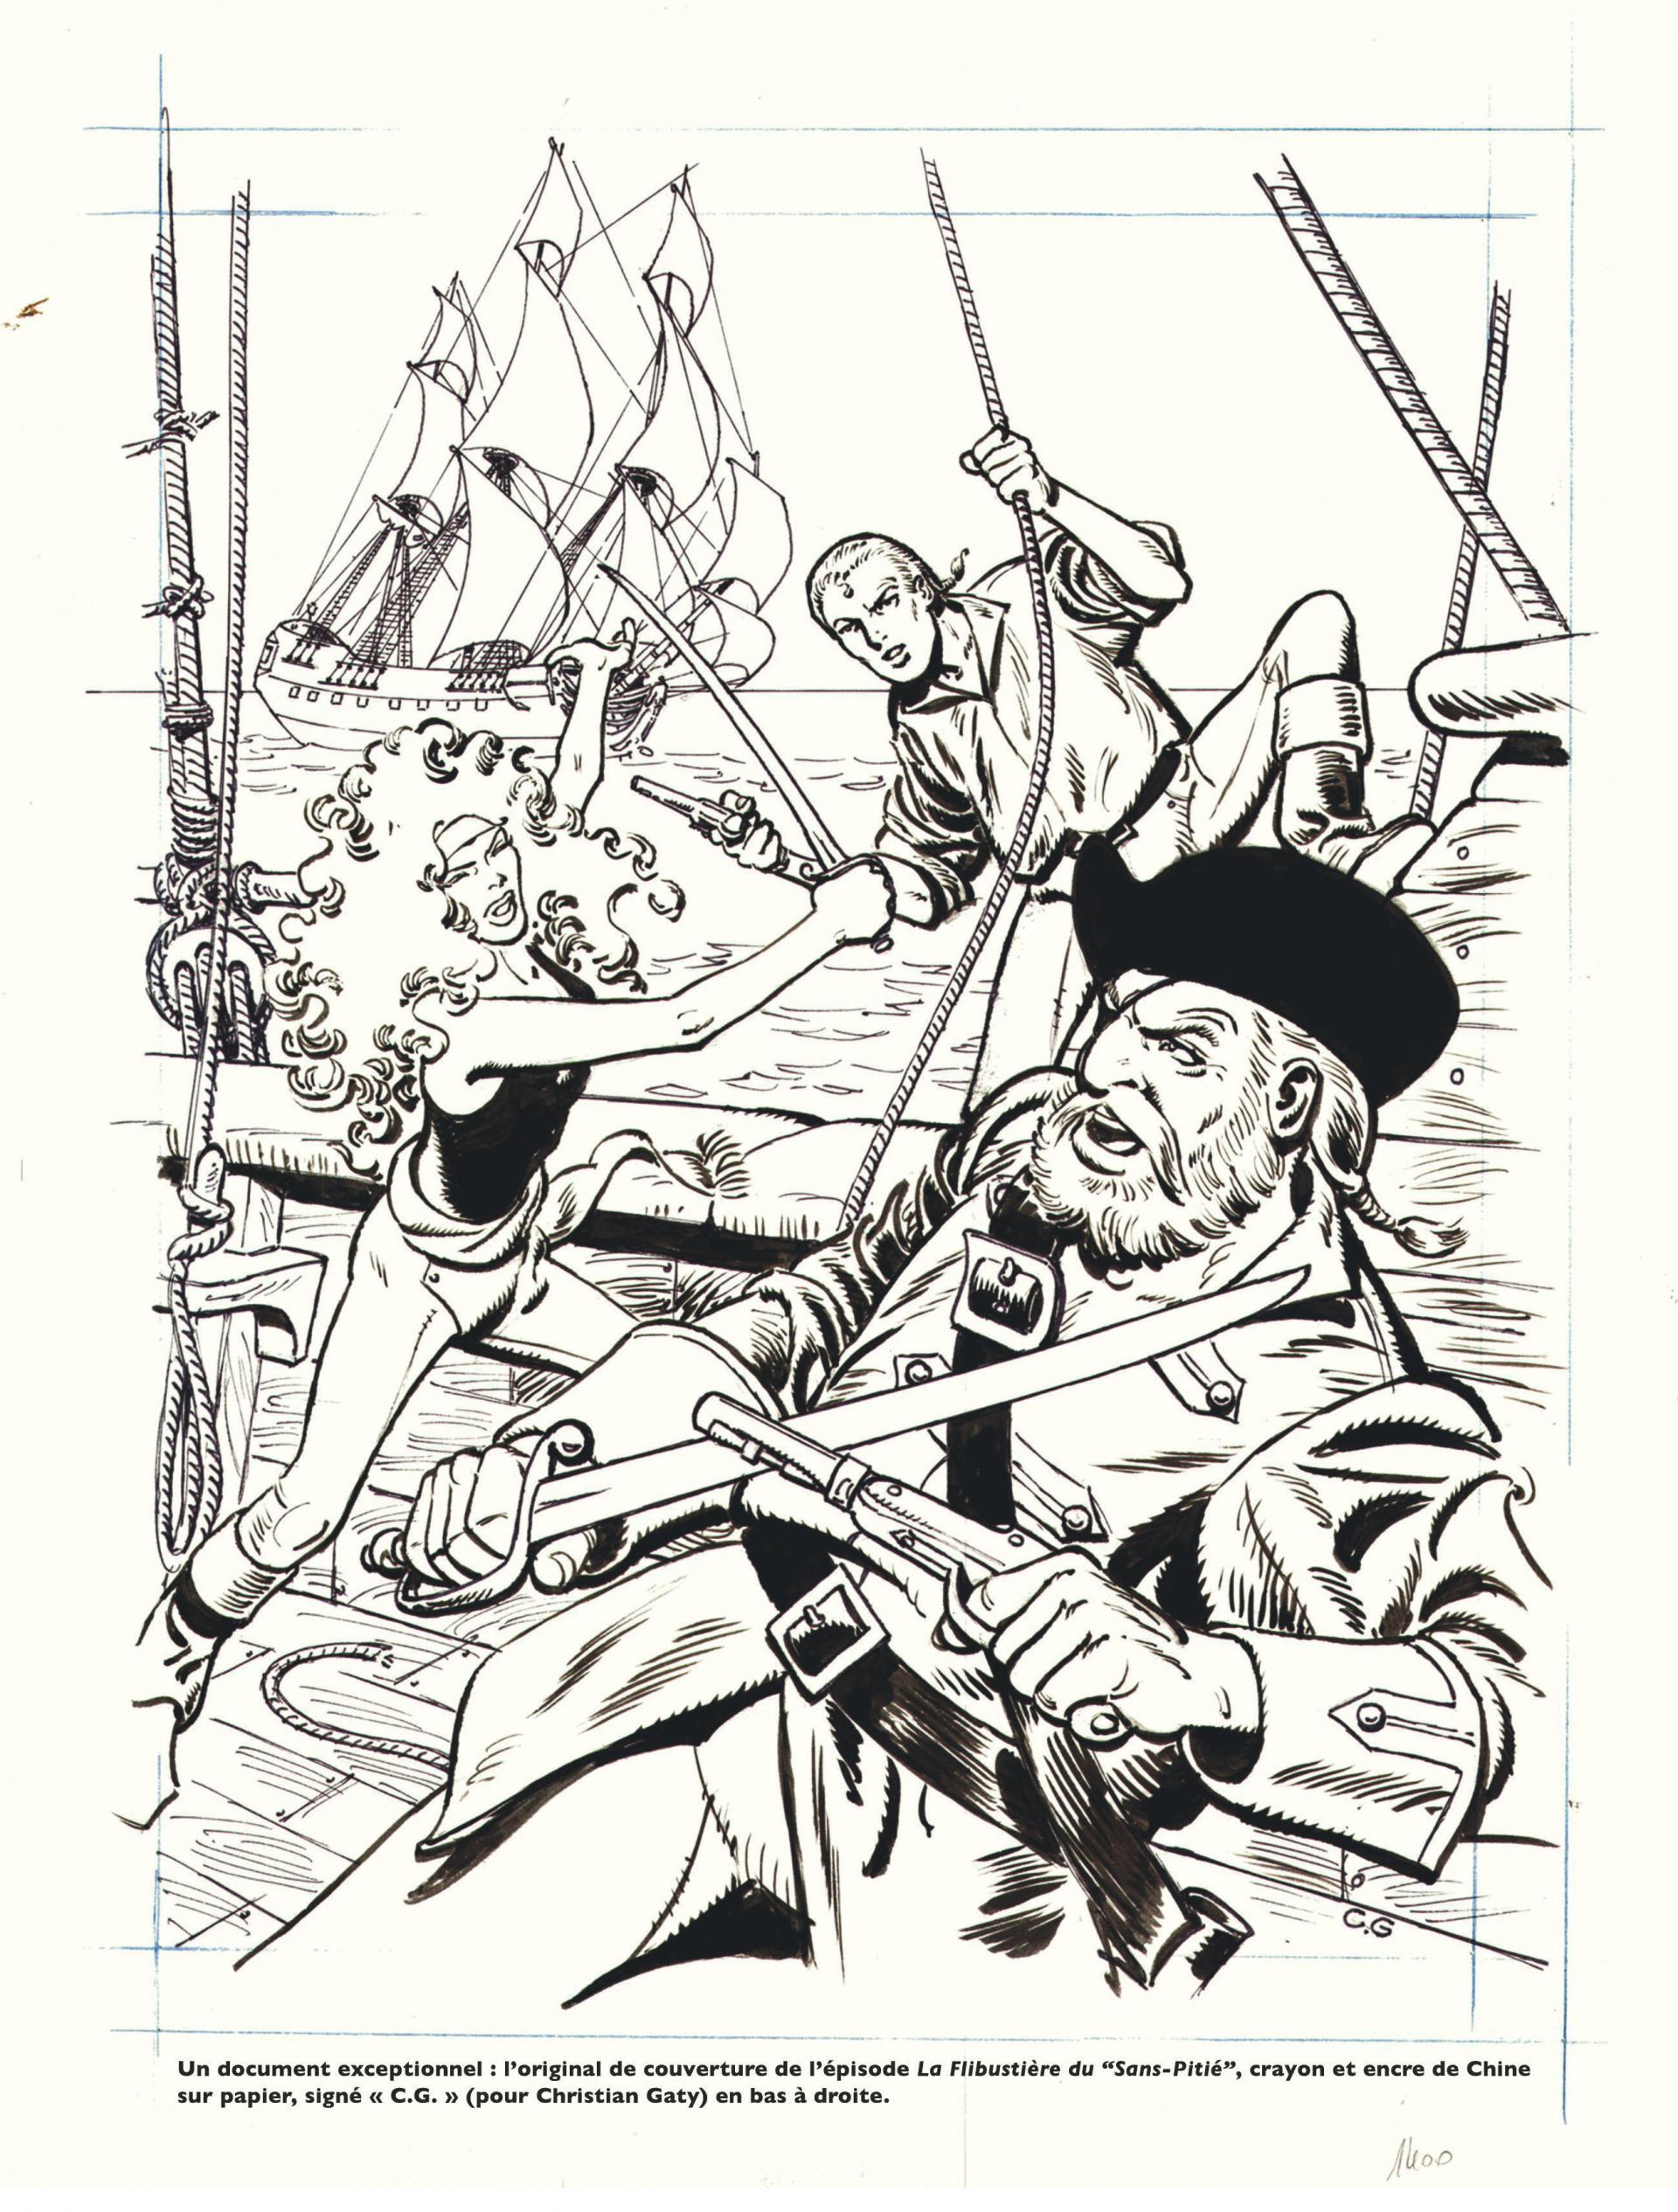 Pirates en mer des indes